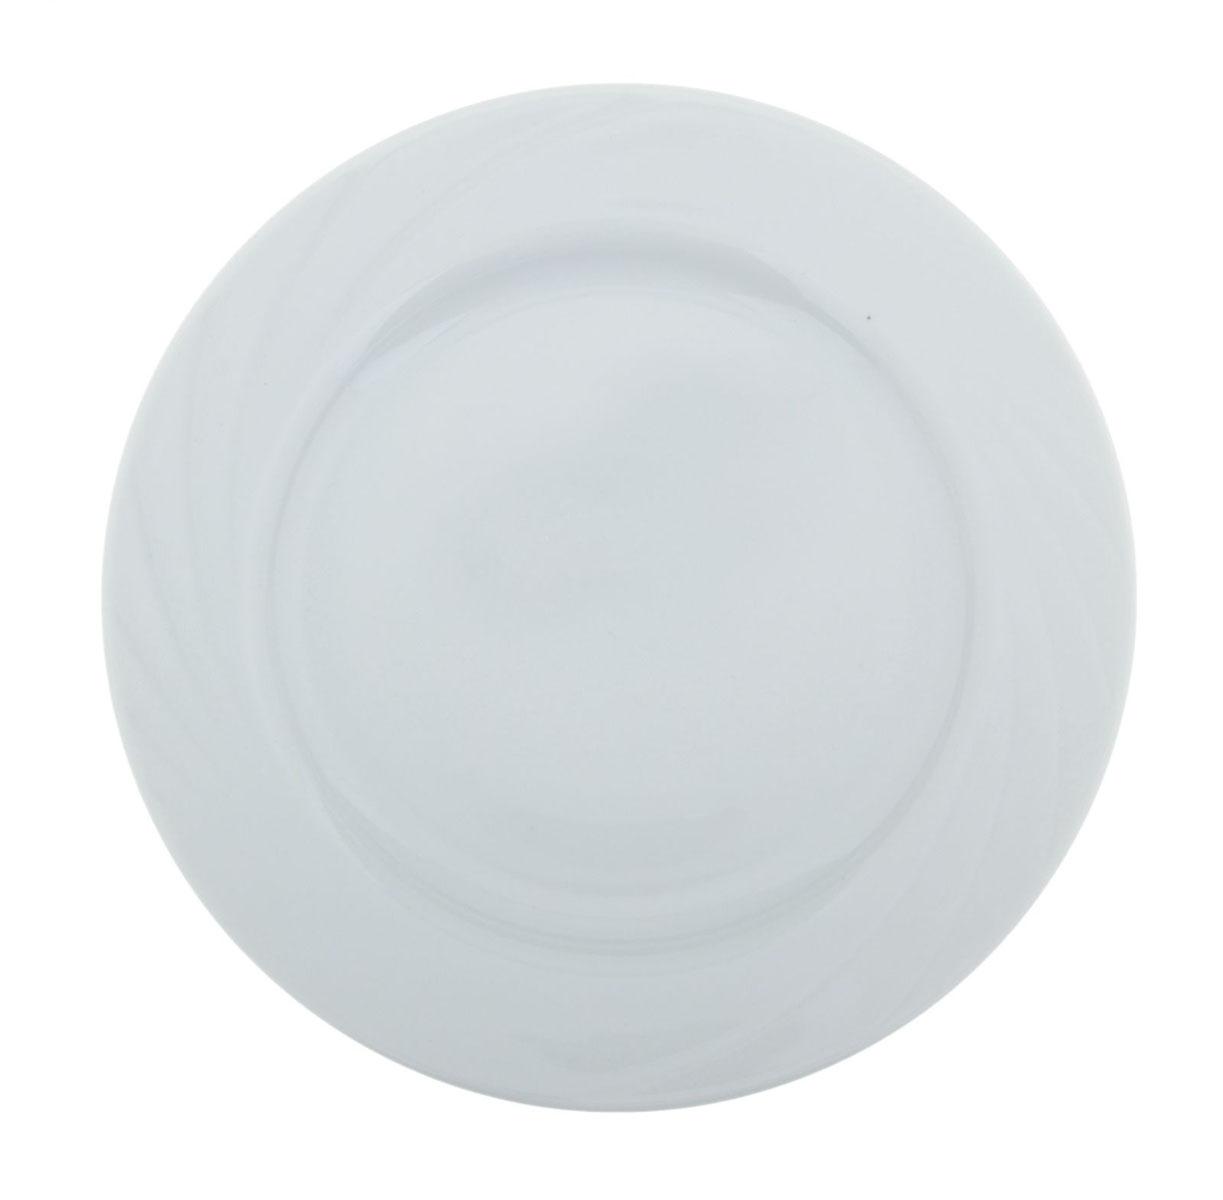 Тарелка мелкая Голубка. Белье, диаметр 20 см селедочница голубка ассорти длина 25 см